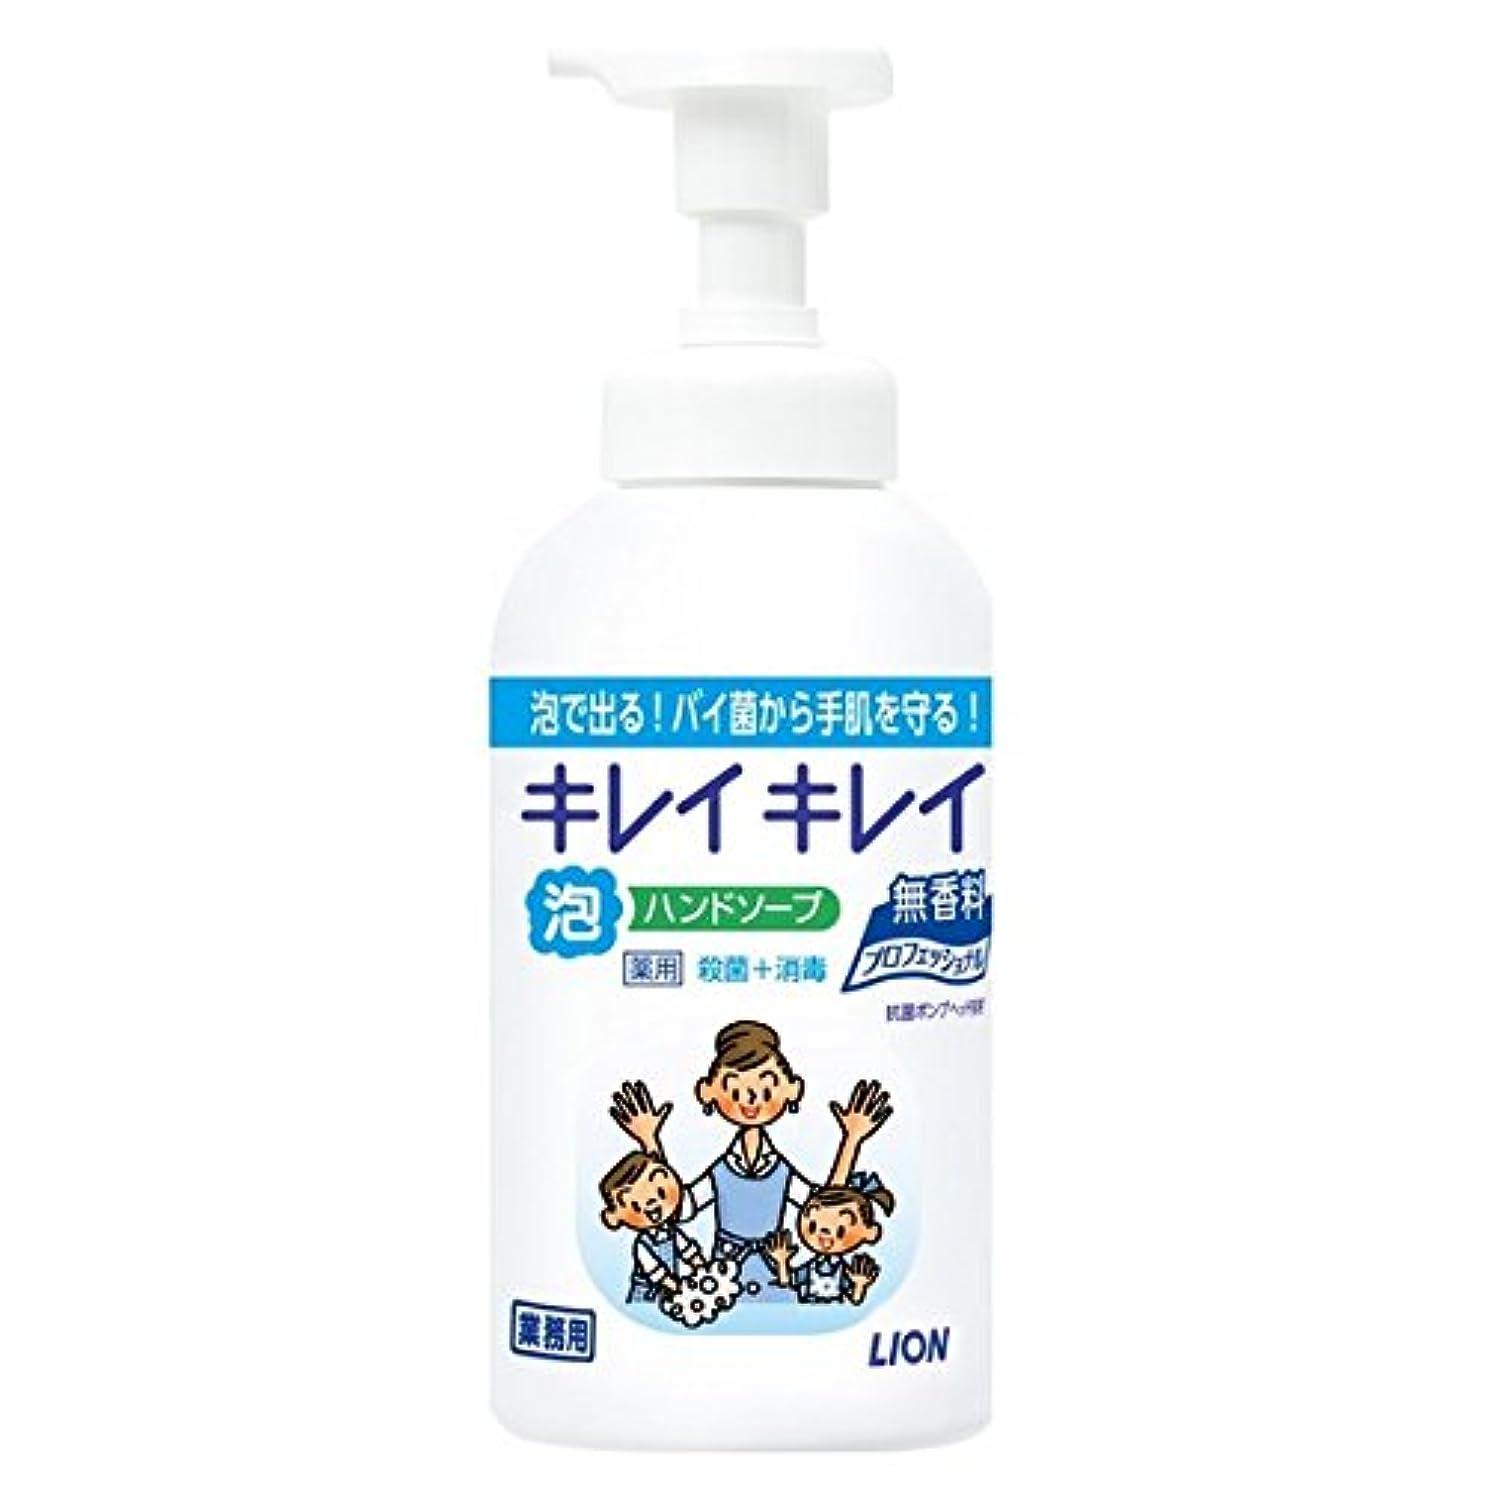 抵抗頑張るハシーライオン キレイキレイ薬用泡ハンドソープ 無香料 550ml×12本入